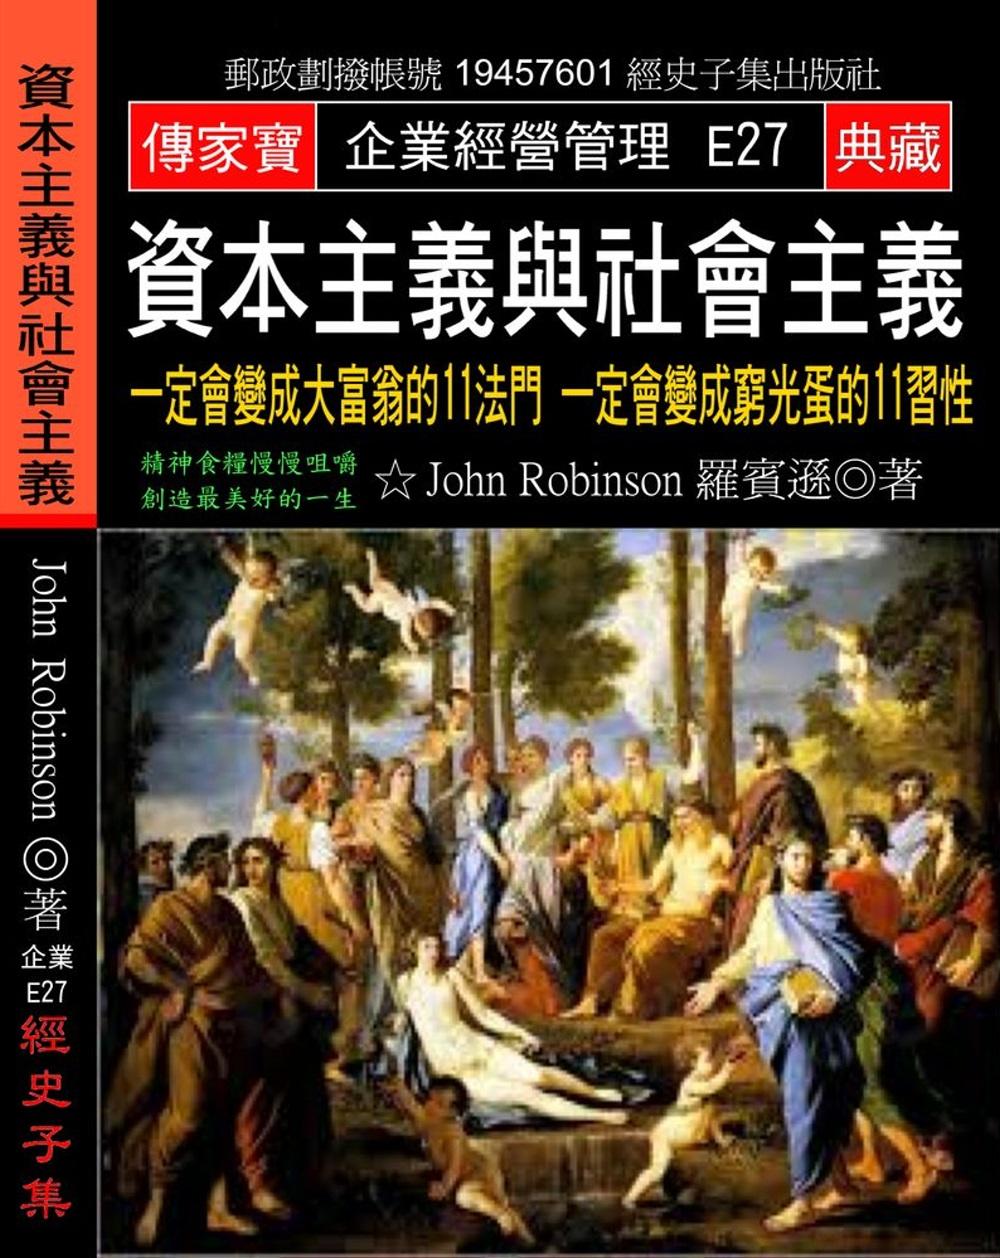 資本主義與社會主義:一定會變成大富翁的11法門 一定會變成窮光蛋的11習性